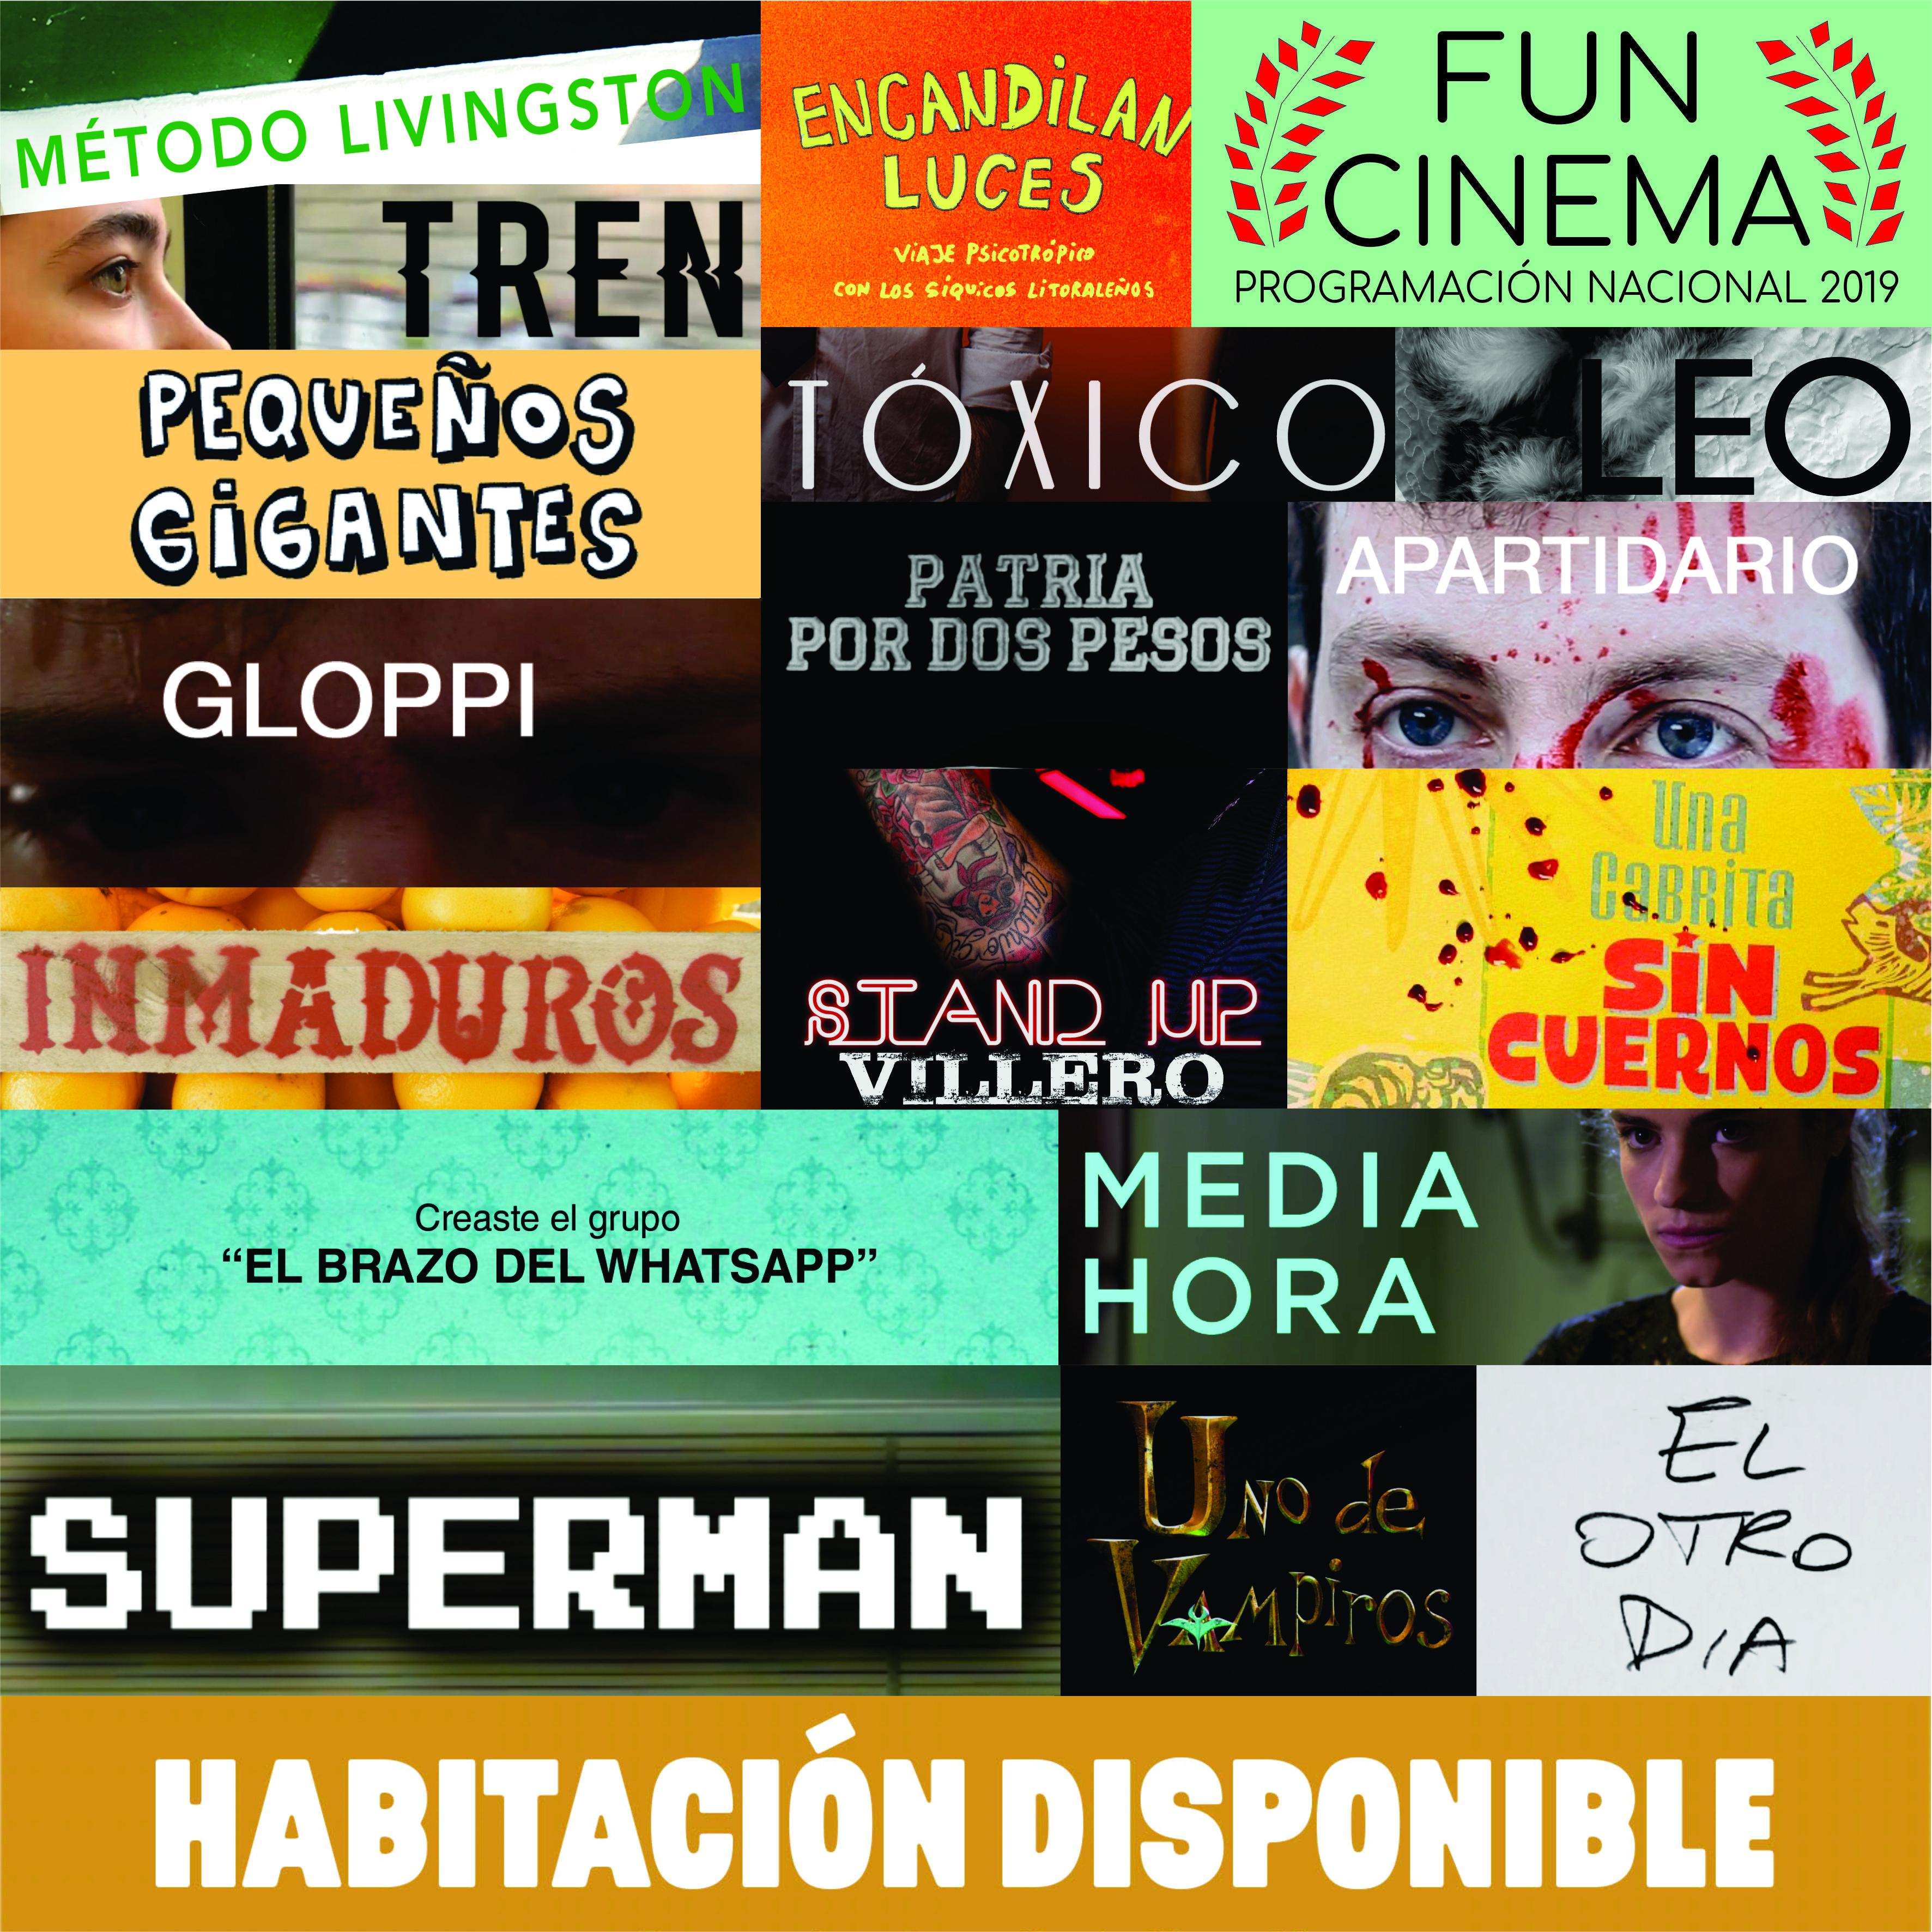 18 producciones nacionales se verán en el 6º Funcinema